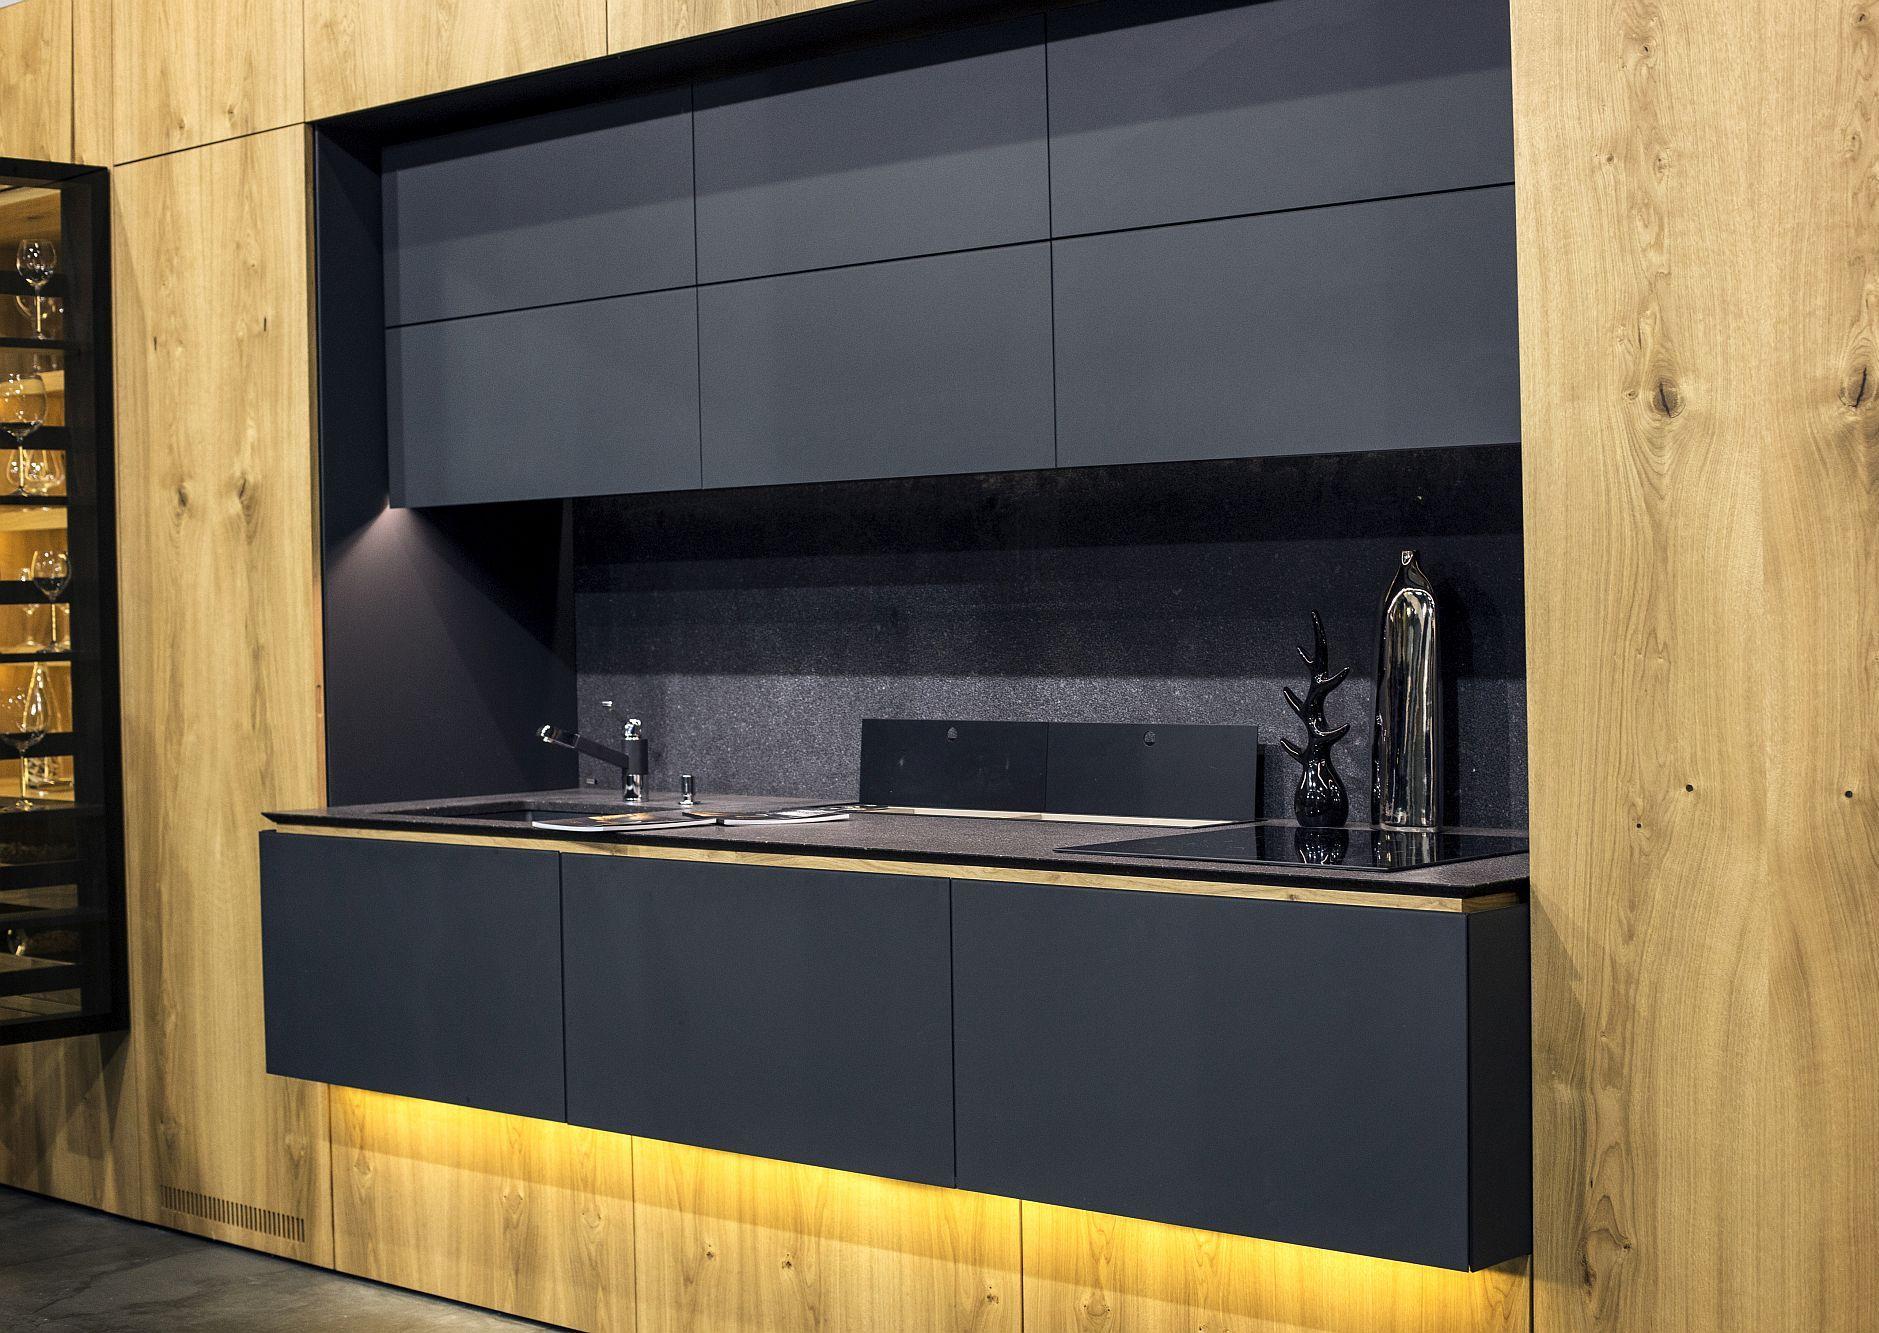 Дизайн мебели для маленькой кухни: небольшая зона для приготовления блюд